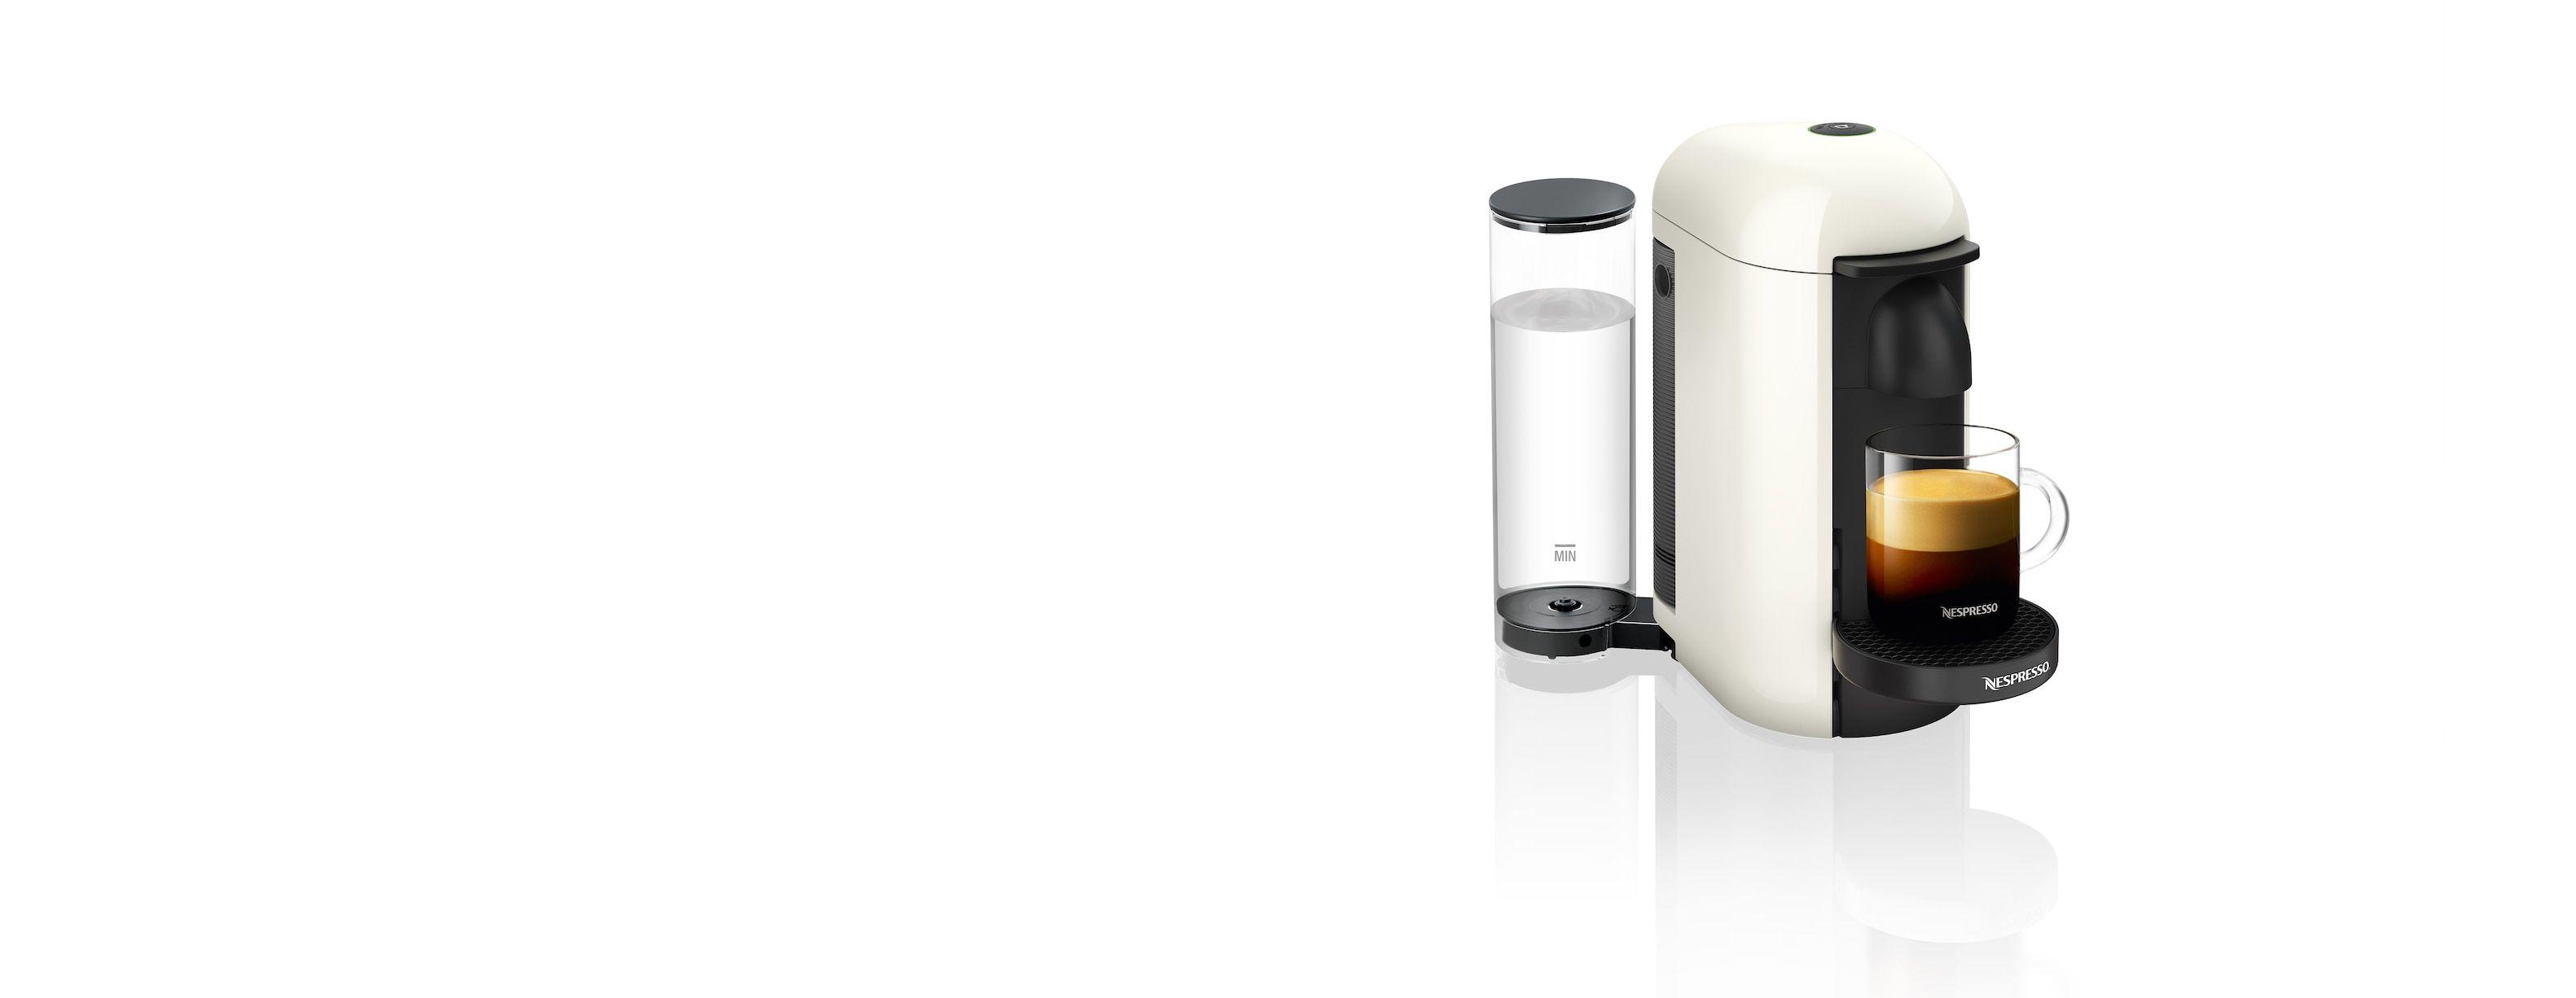 VertuoPlus White Vertuo Coffee Machine Nespresso USA